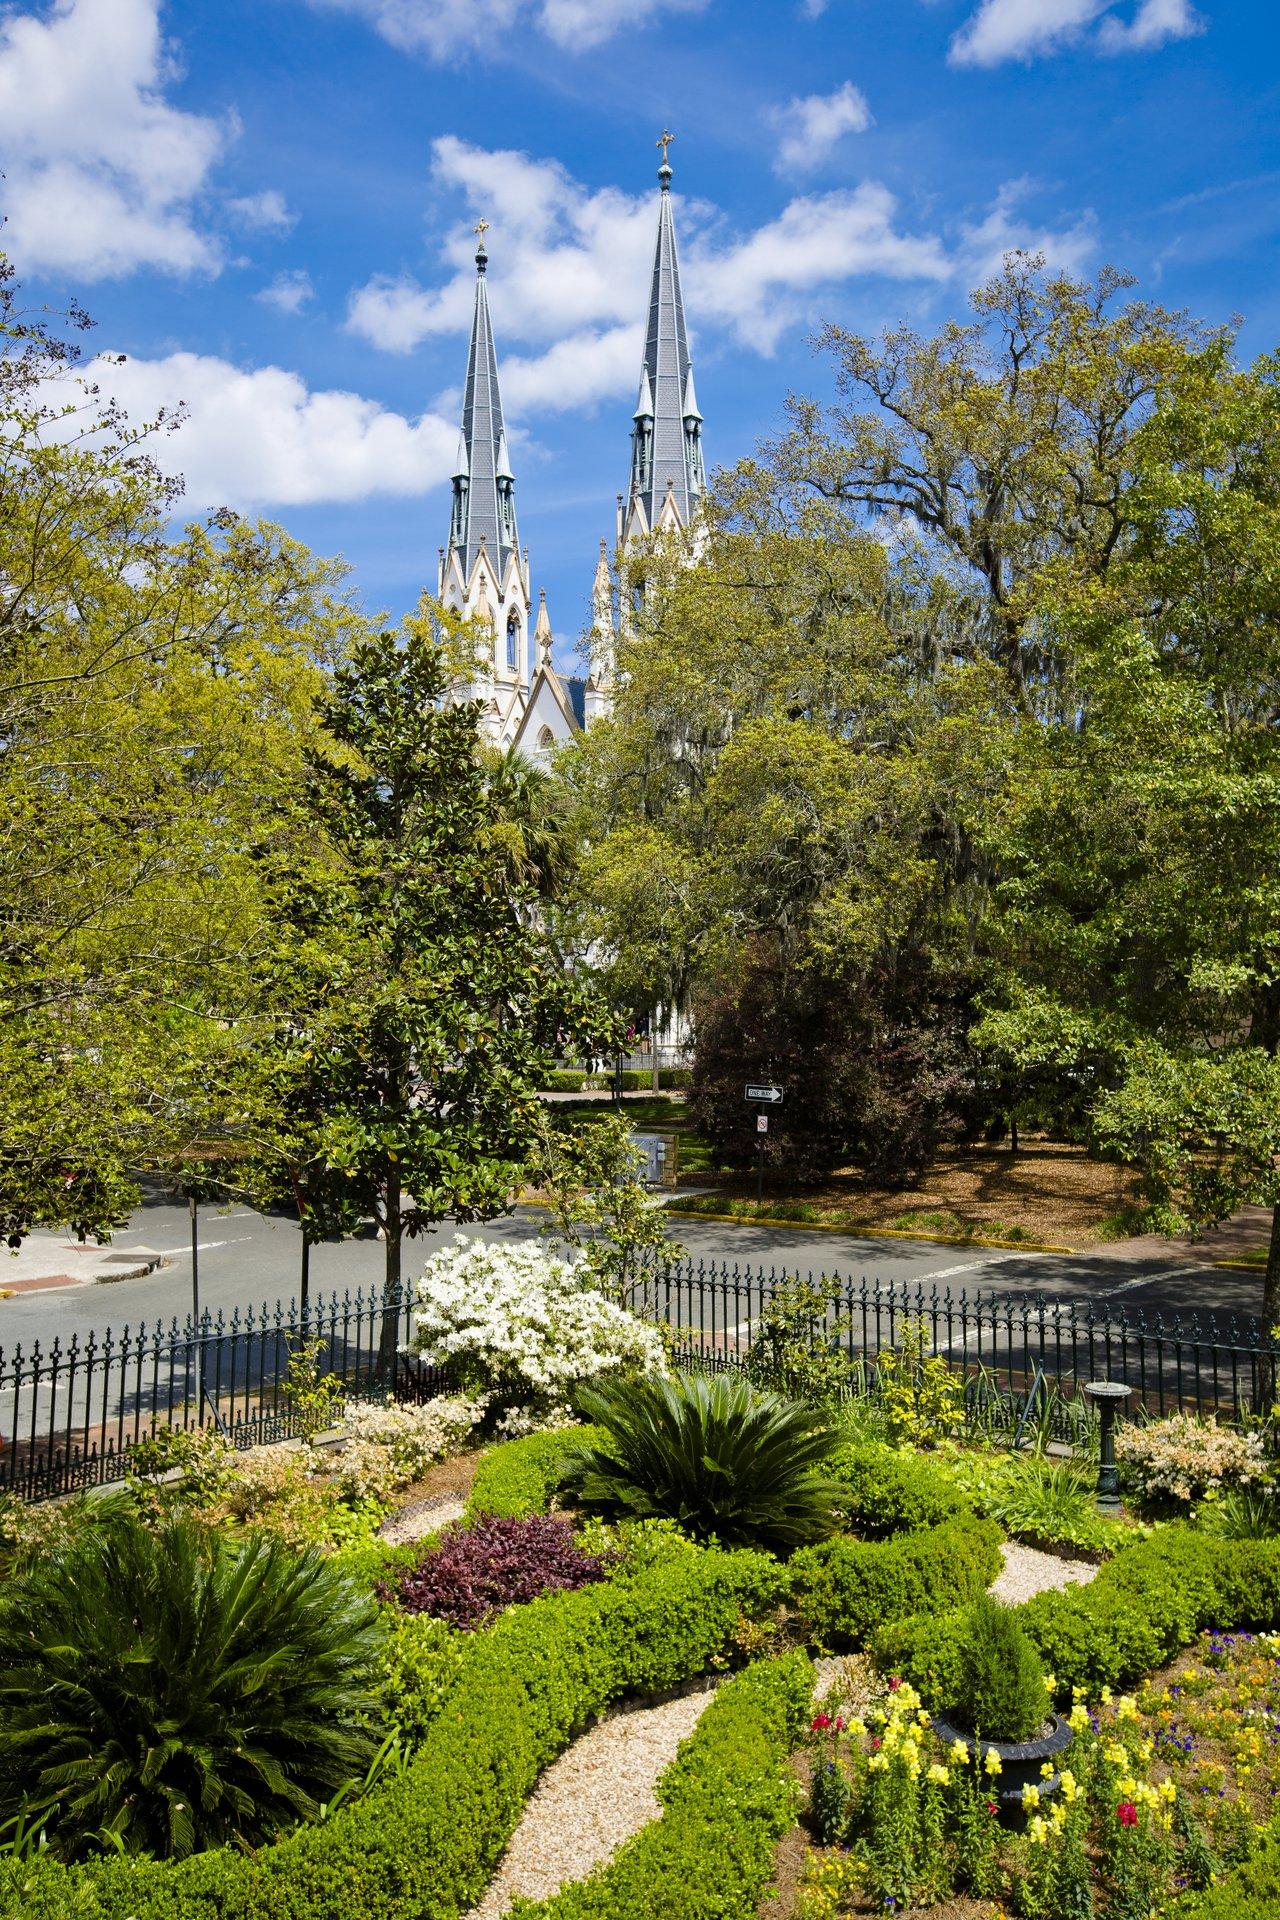 Die charmante Hafenstadt wurde 1773 als erste europäische Siedlung des Bundesstaates Georgia gegründet und steht im Kontrast zur modernen Hauptstadt Atlanta. Savannahs historisches Erbe ist heute noch unverkennbar